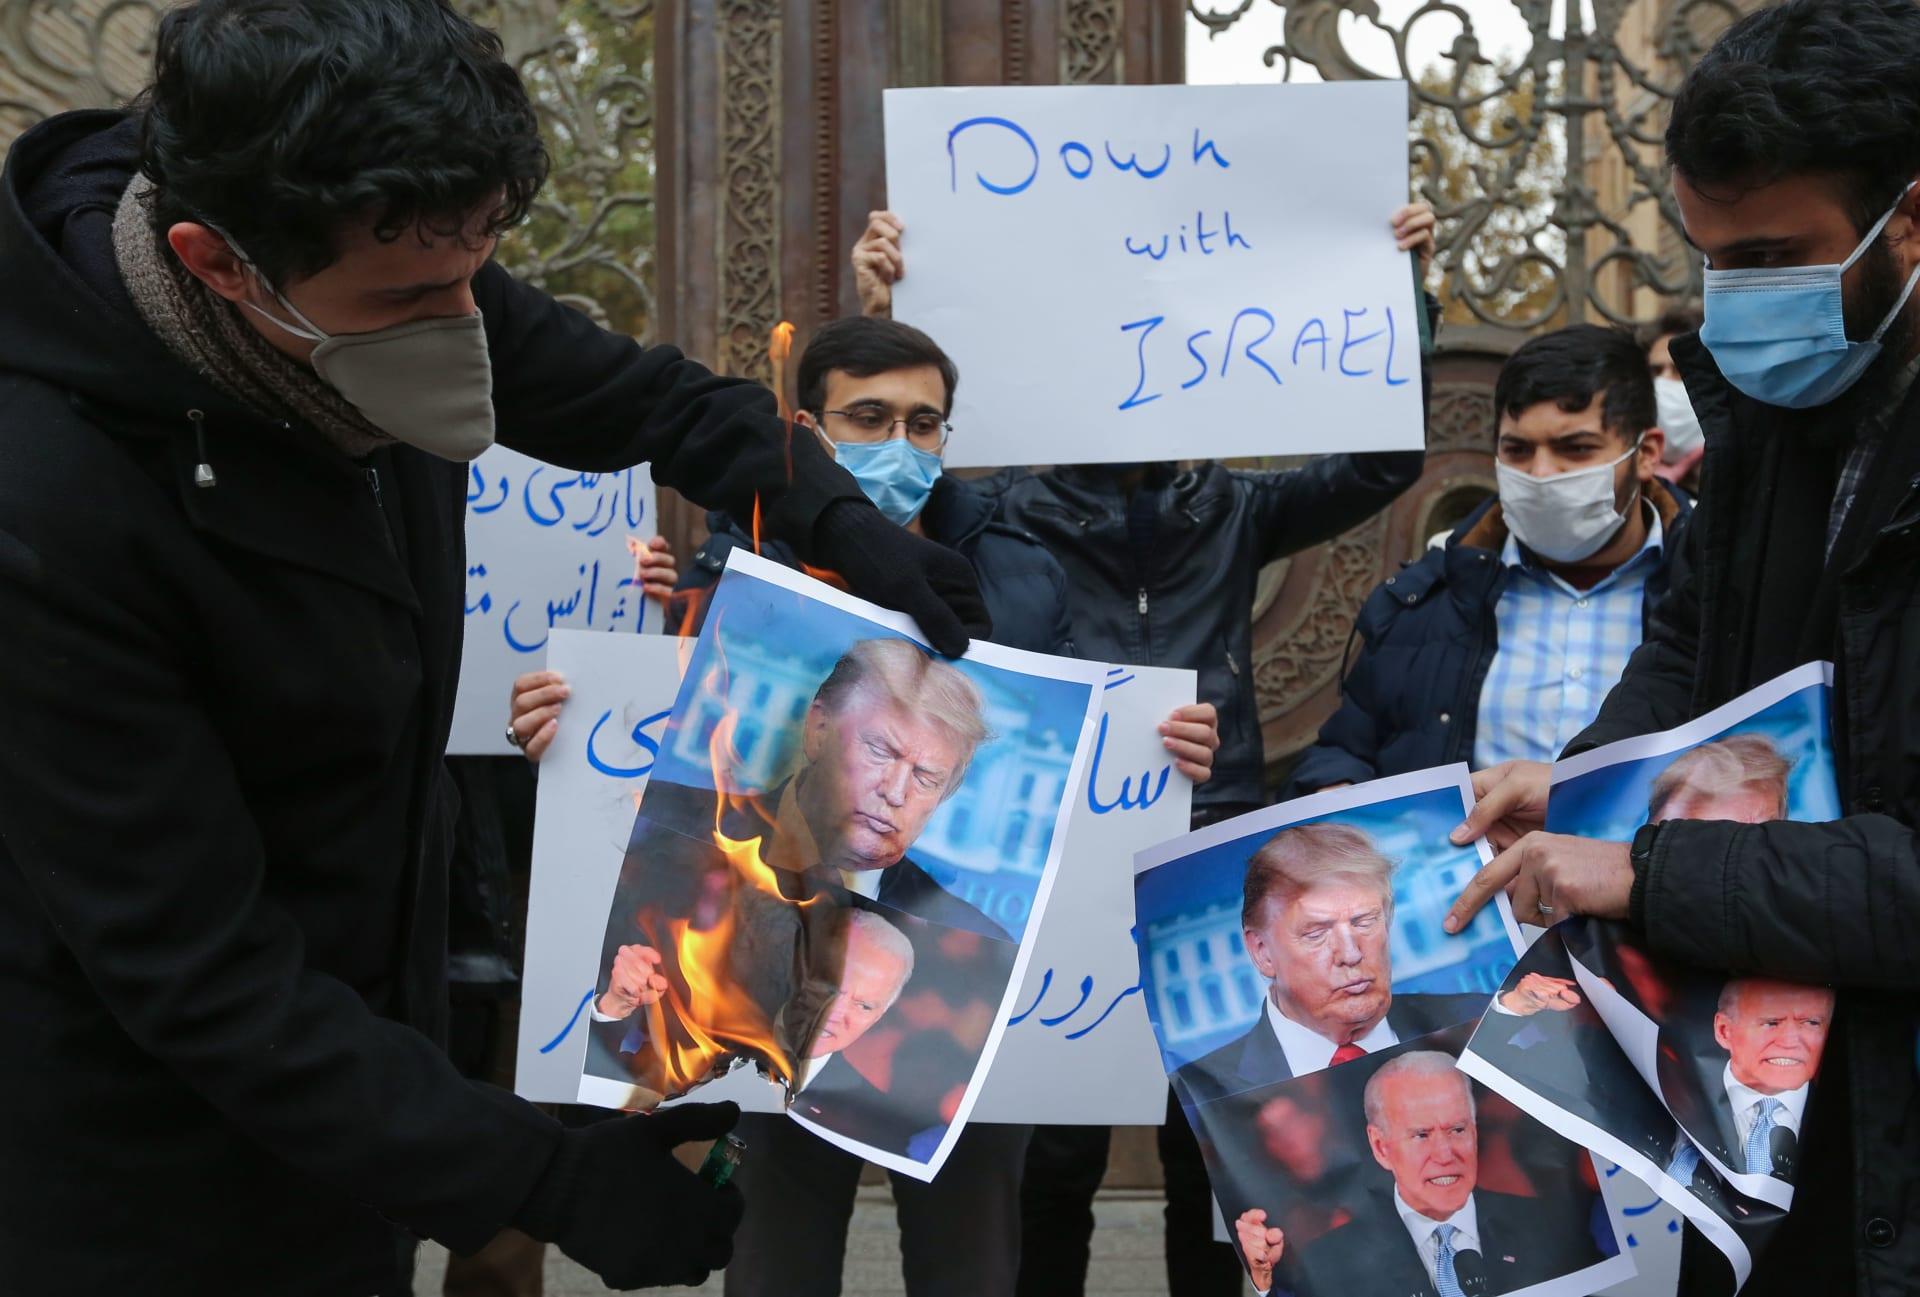 تحليل: إيران تتعرض لمزيد من الإذلال بمقتل فخري زادة.. هل تندلع حرب شاملة؟